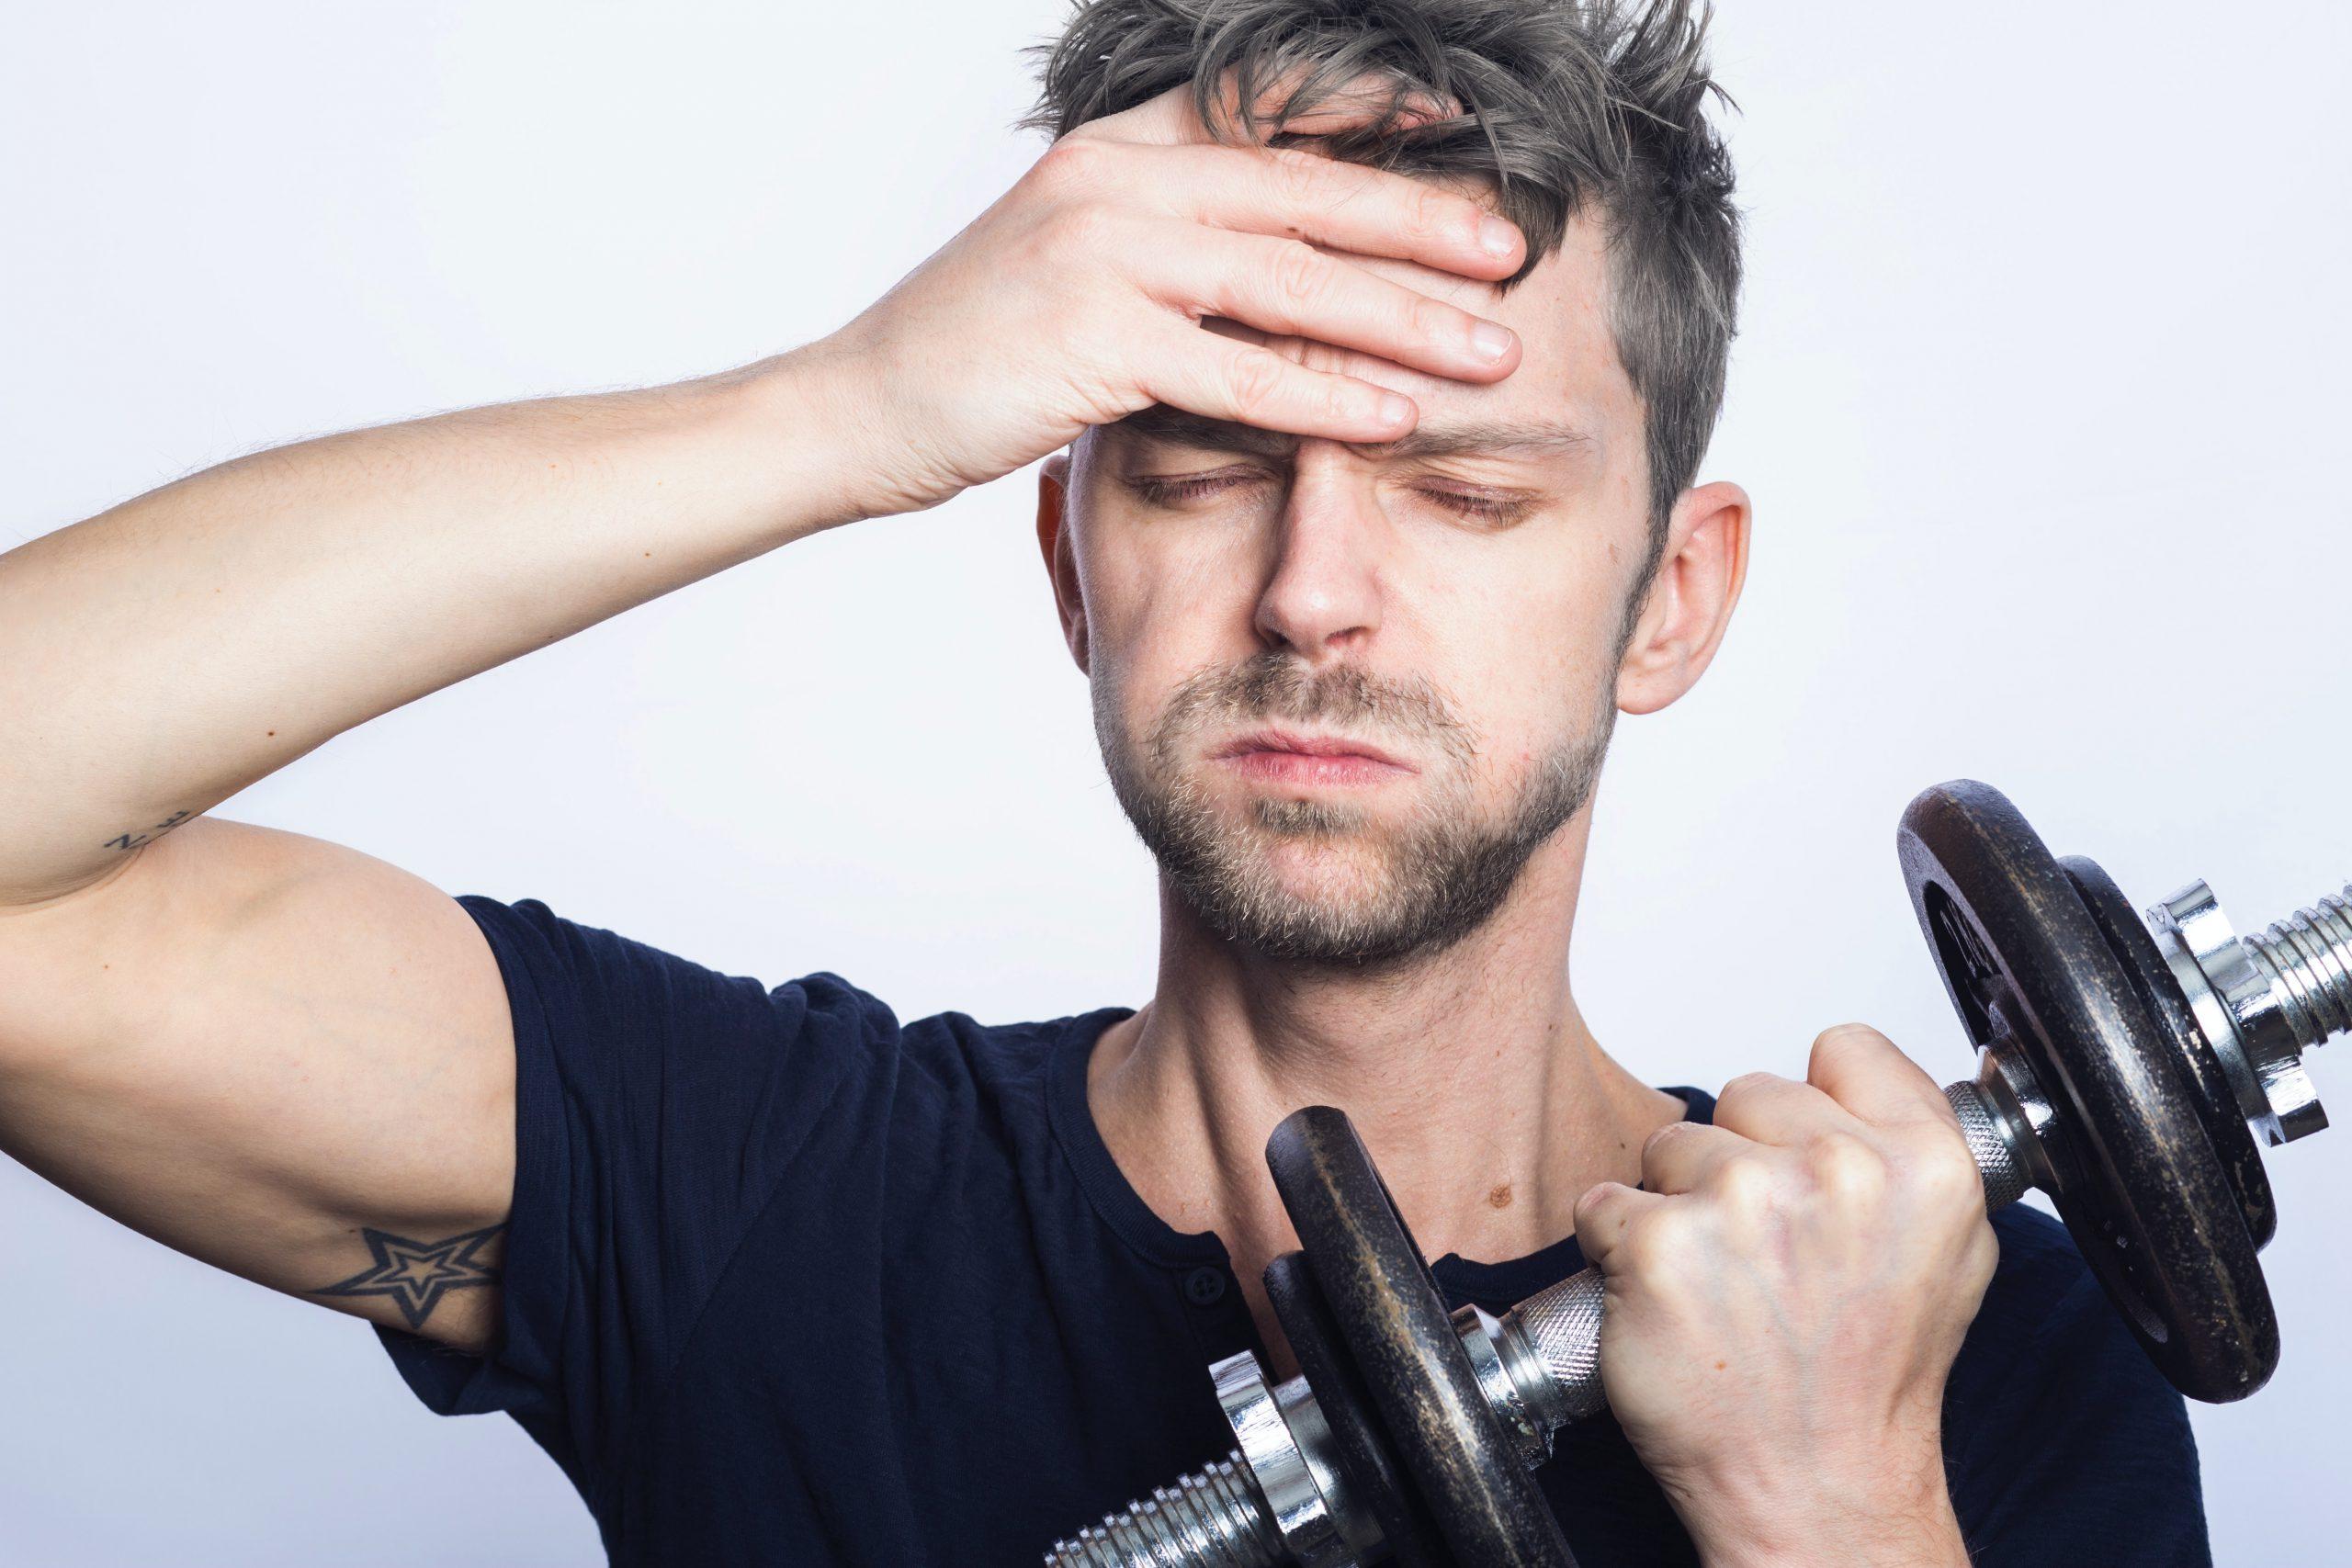 douleurs physiques migraines stress anxiété traités avec luxopuncture à montmorency